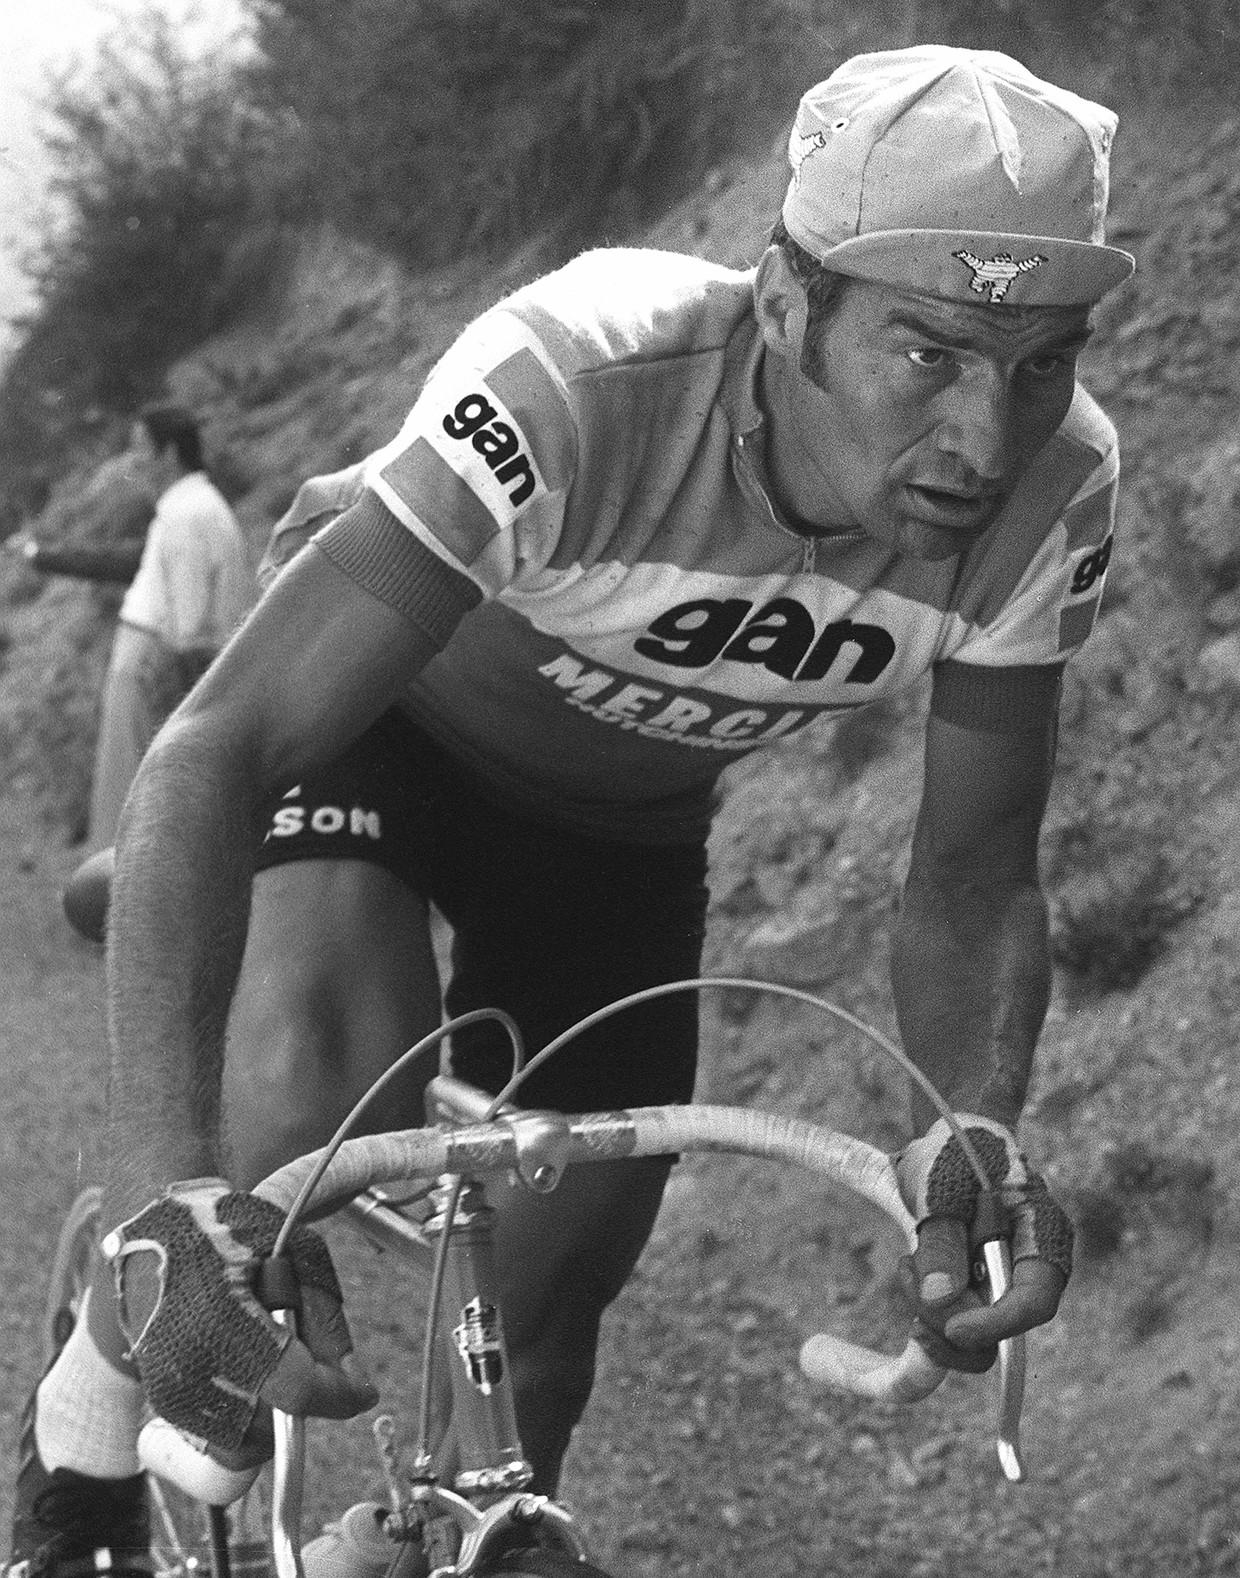 Poulidor in de Tour (1974).